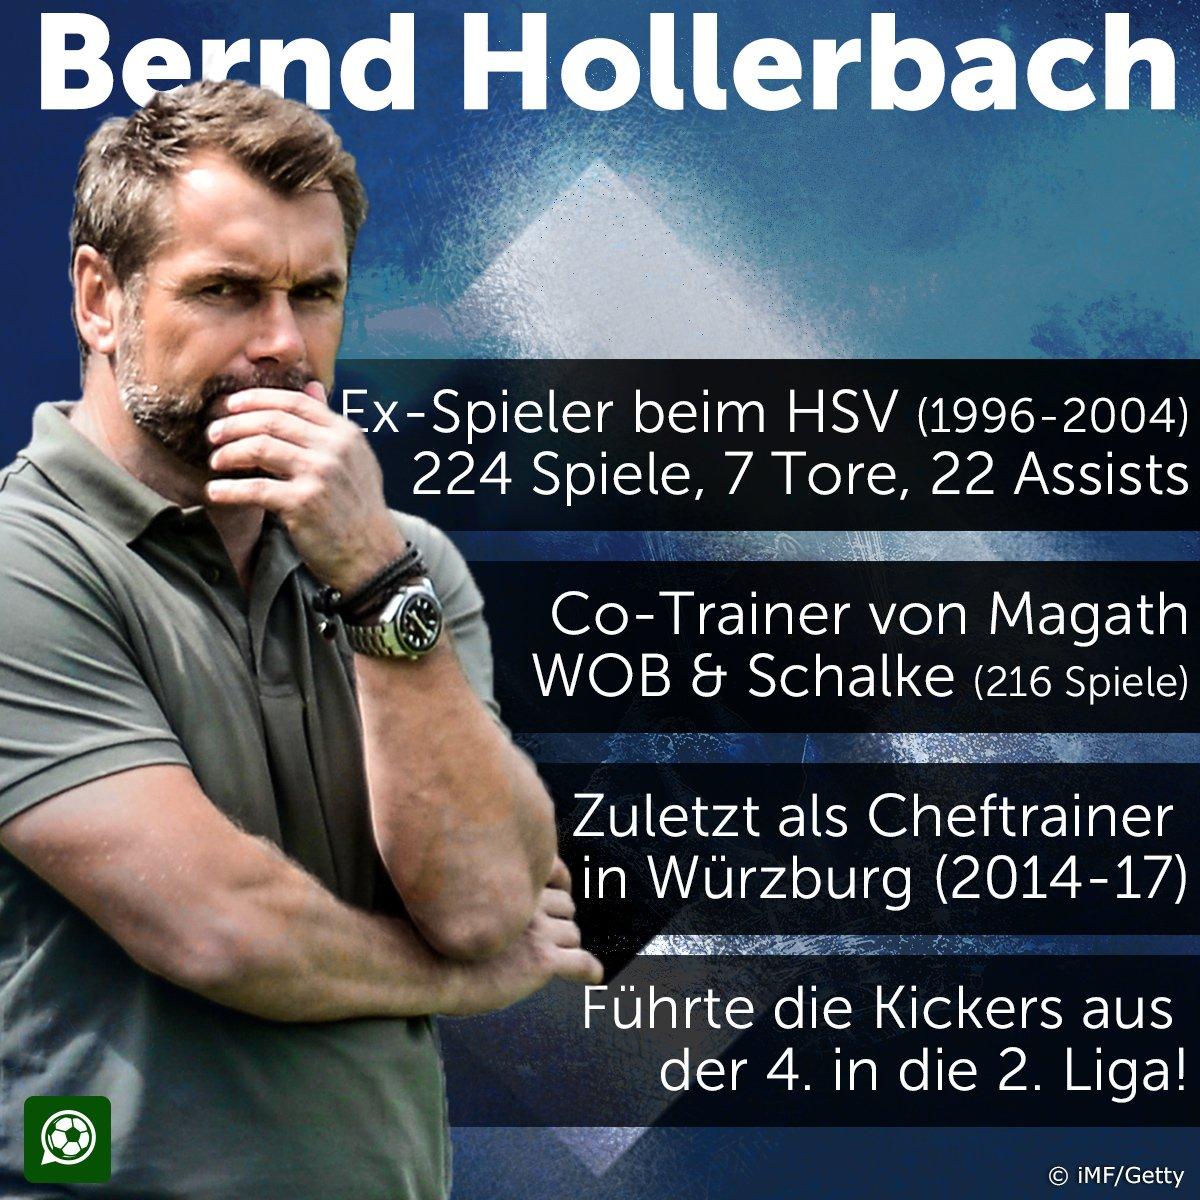 Es ist vollbracht! Der #HSV hat #Hollerbach jetzt offiziell bestätigt https://t.co/PNhRLSl5Pr